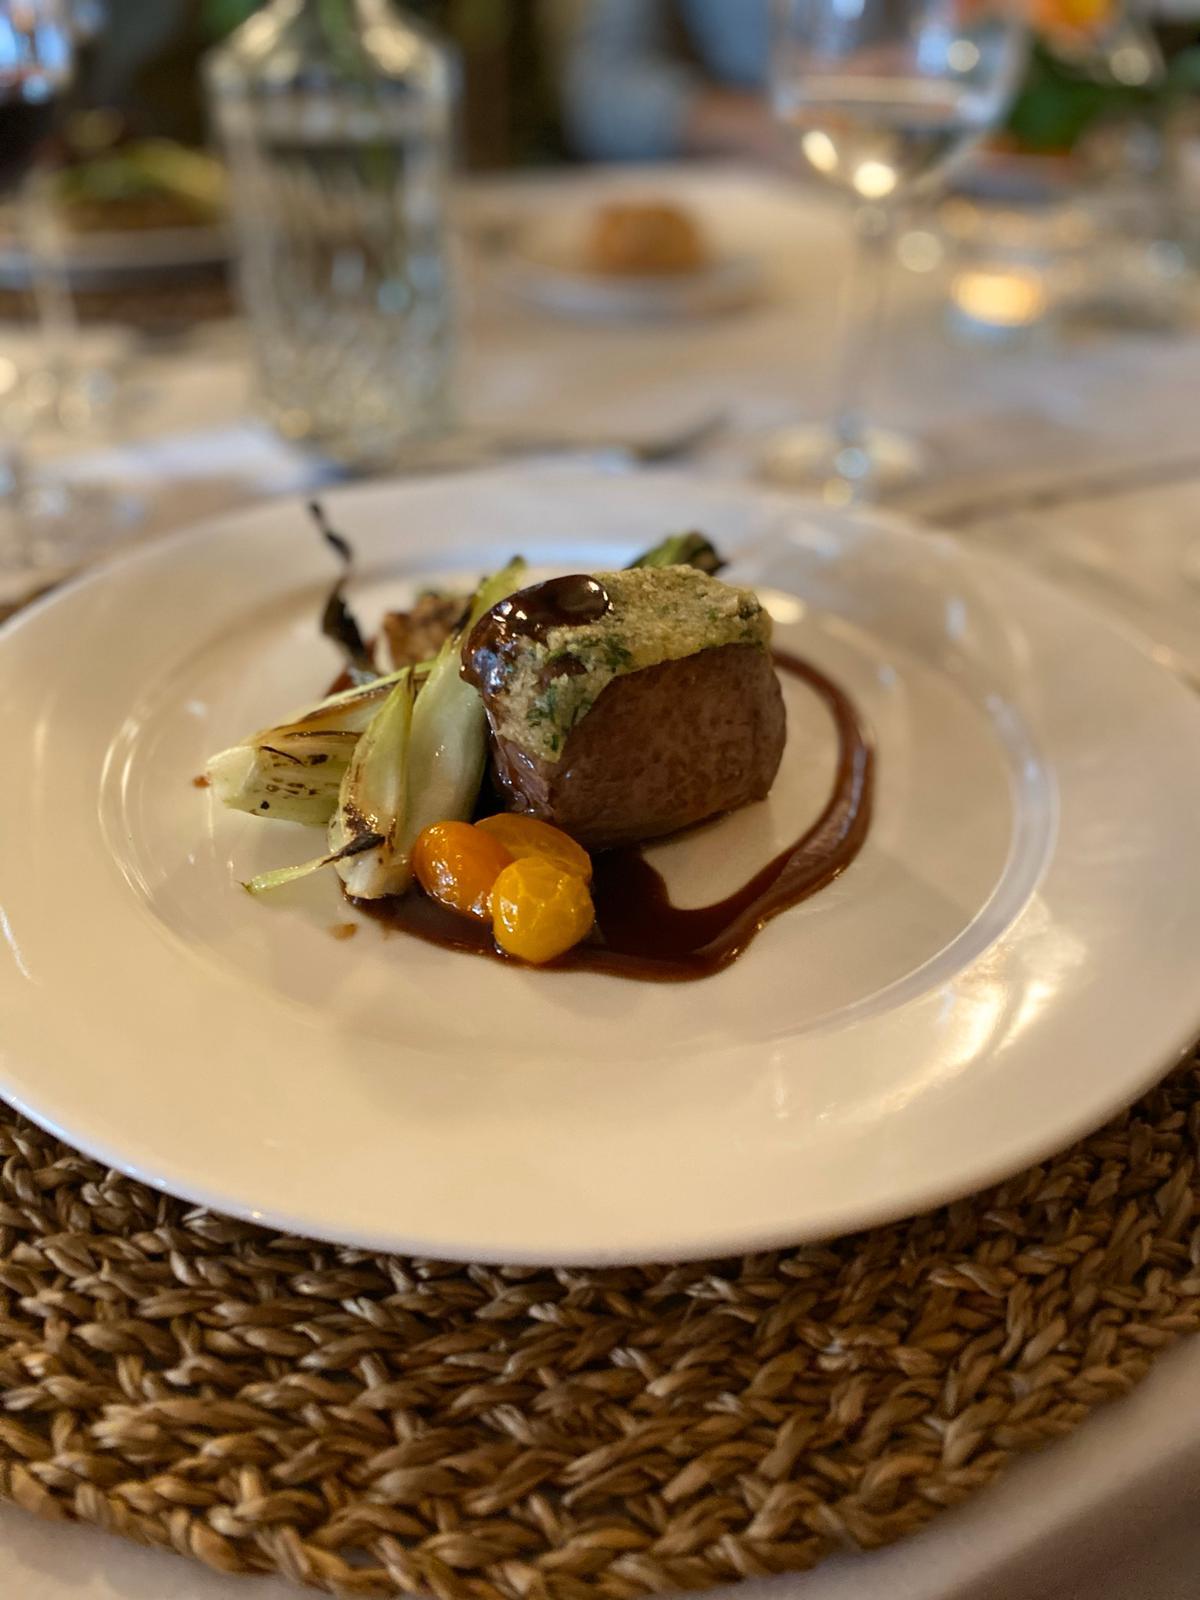 servicio-catering-para-bodas-eventos-en-mallorca